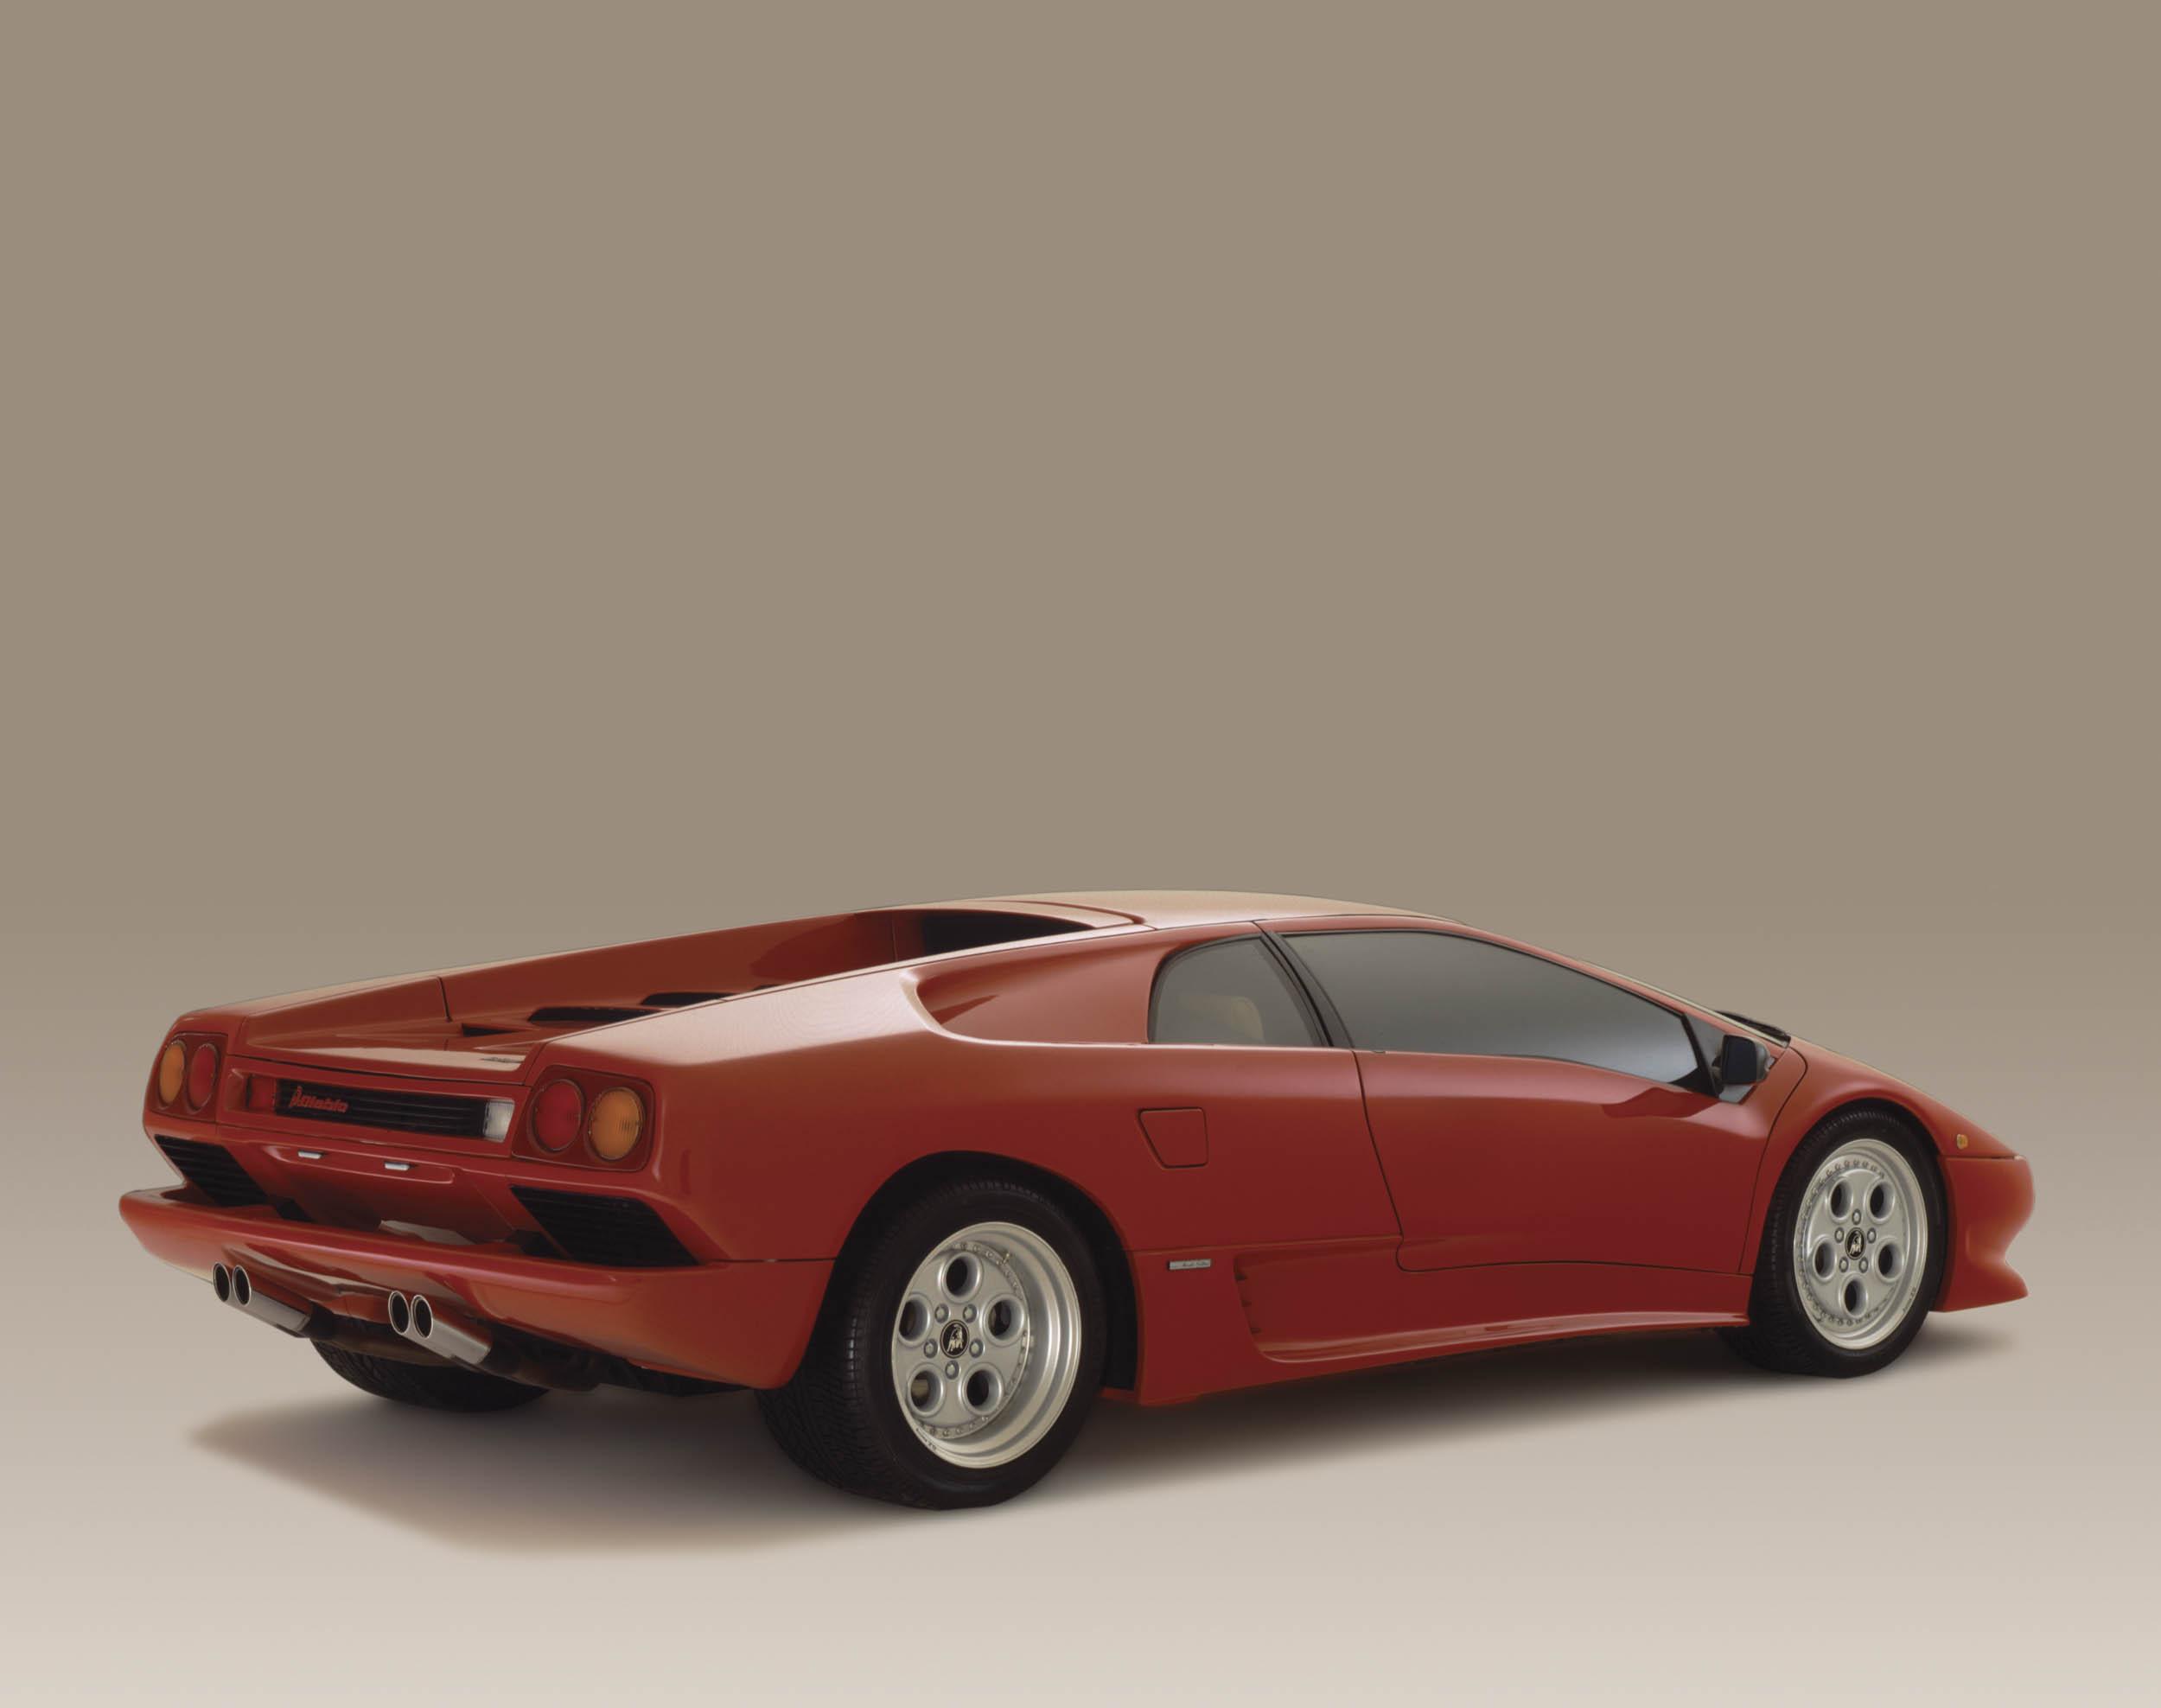 Lamborghini Diablo rear 3/4